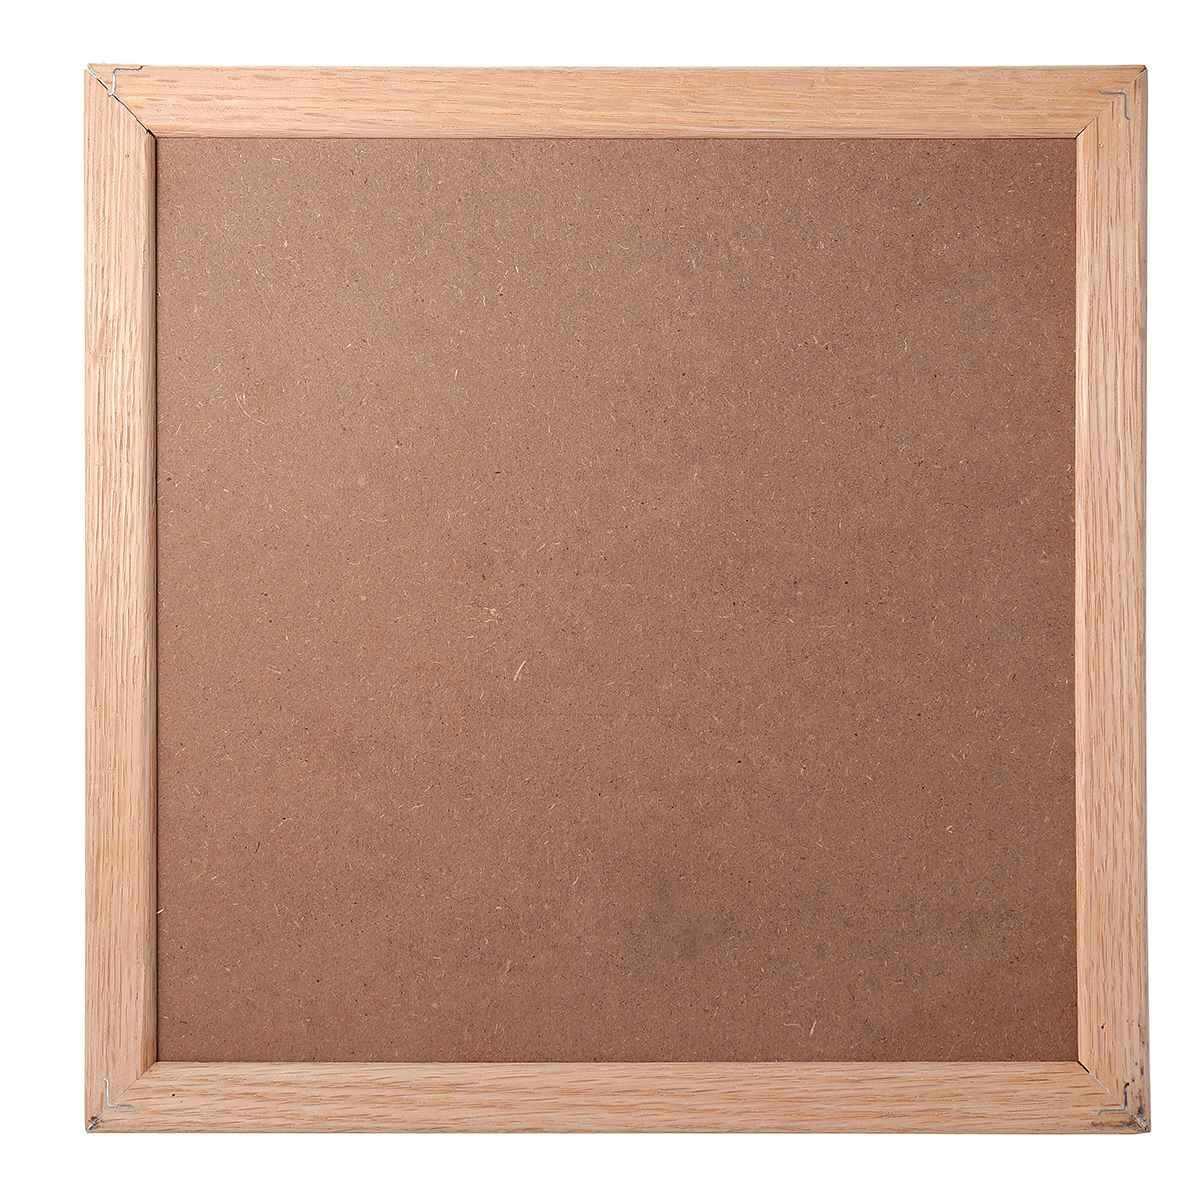 25.4*25.4*2 ซม.ไม้ Felt Letter Board ป้ายข้อความผู้ถือกรอบสัญลักษณ์ตัวเลขตัวอักษร Board Home Office โรงเรียน Decor